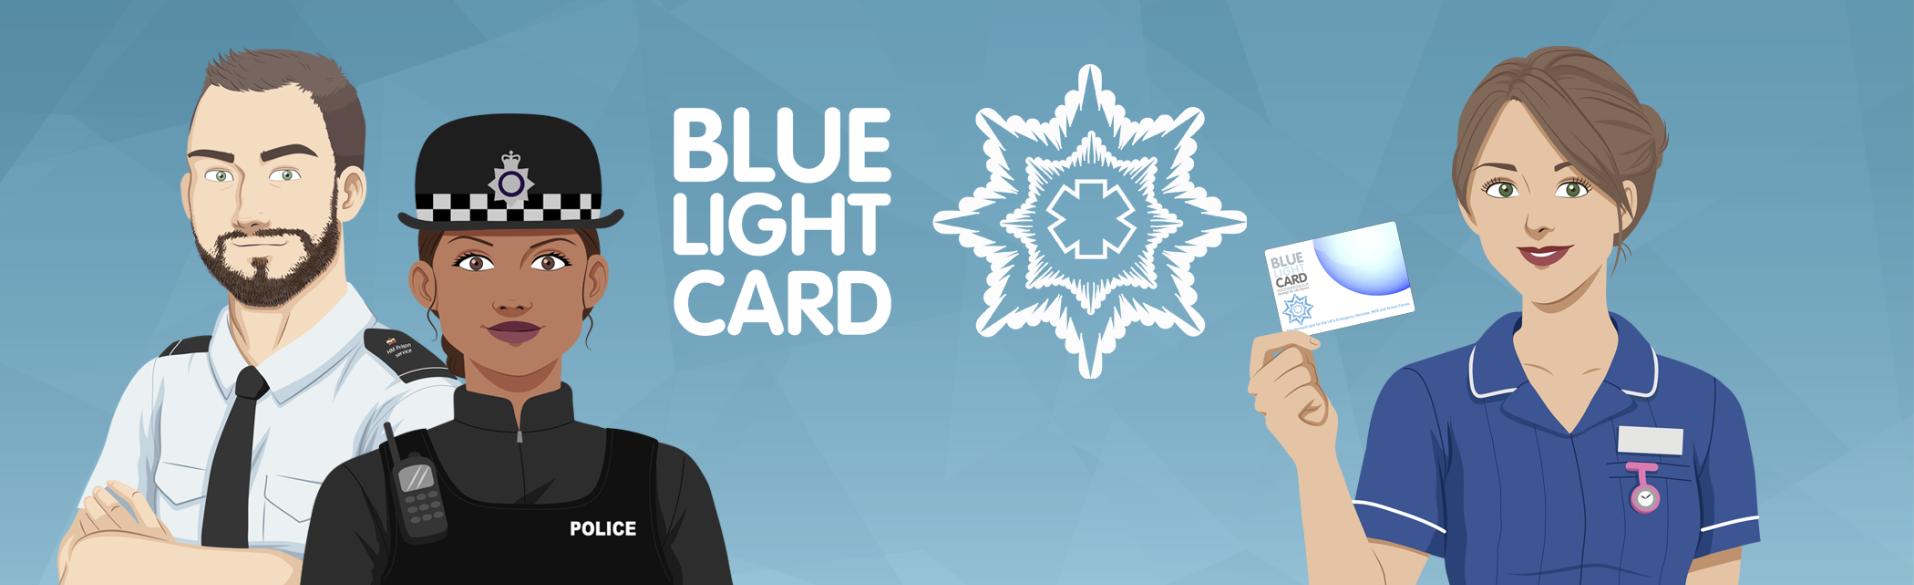 Bluelightcard nhsdiscounts policediscounts (1)